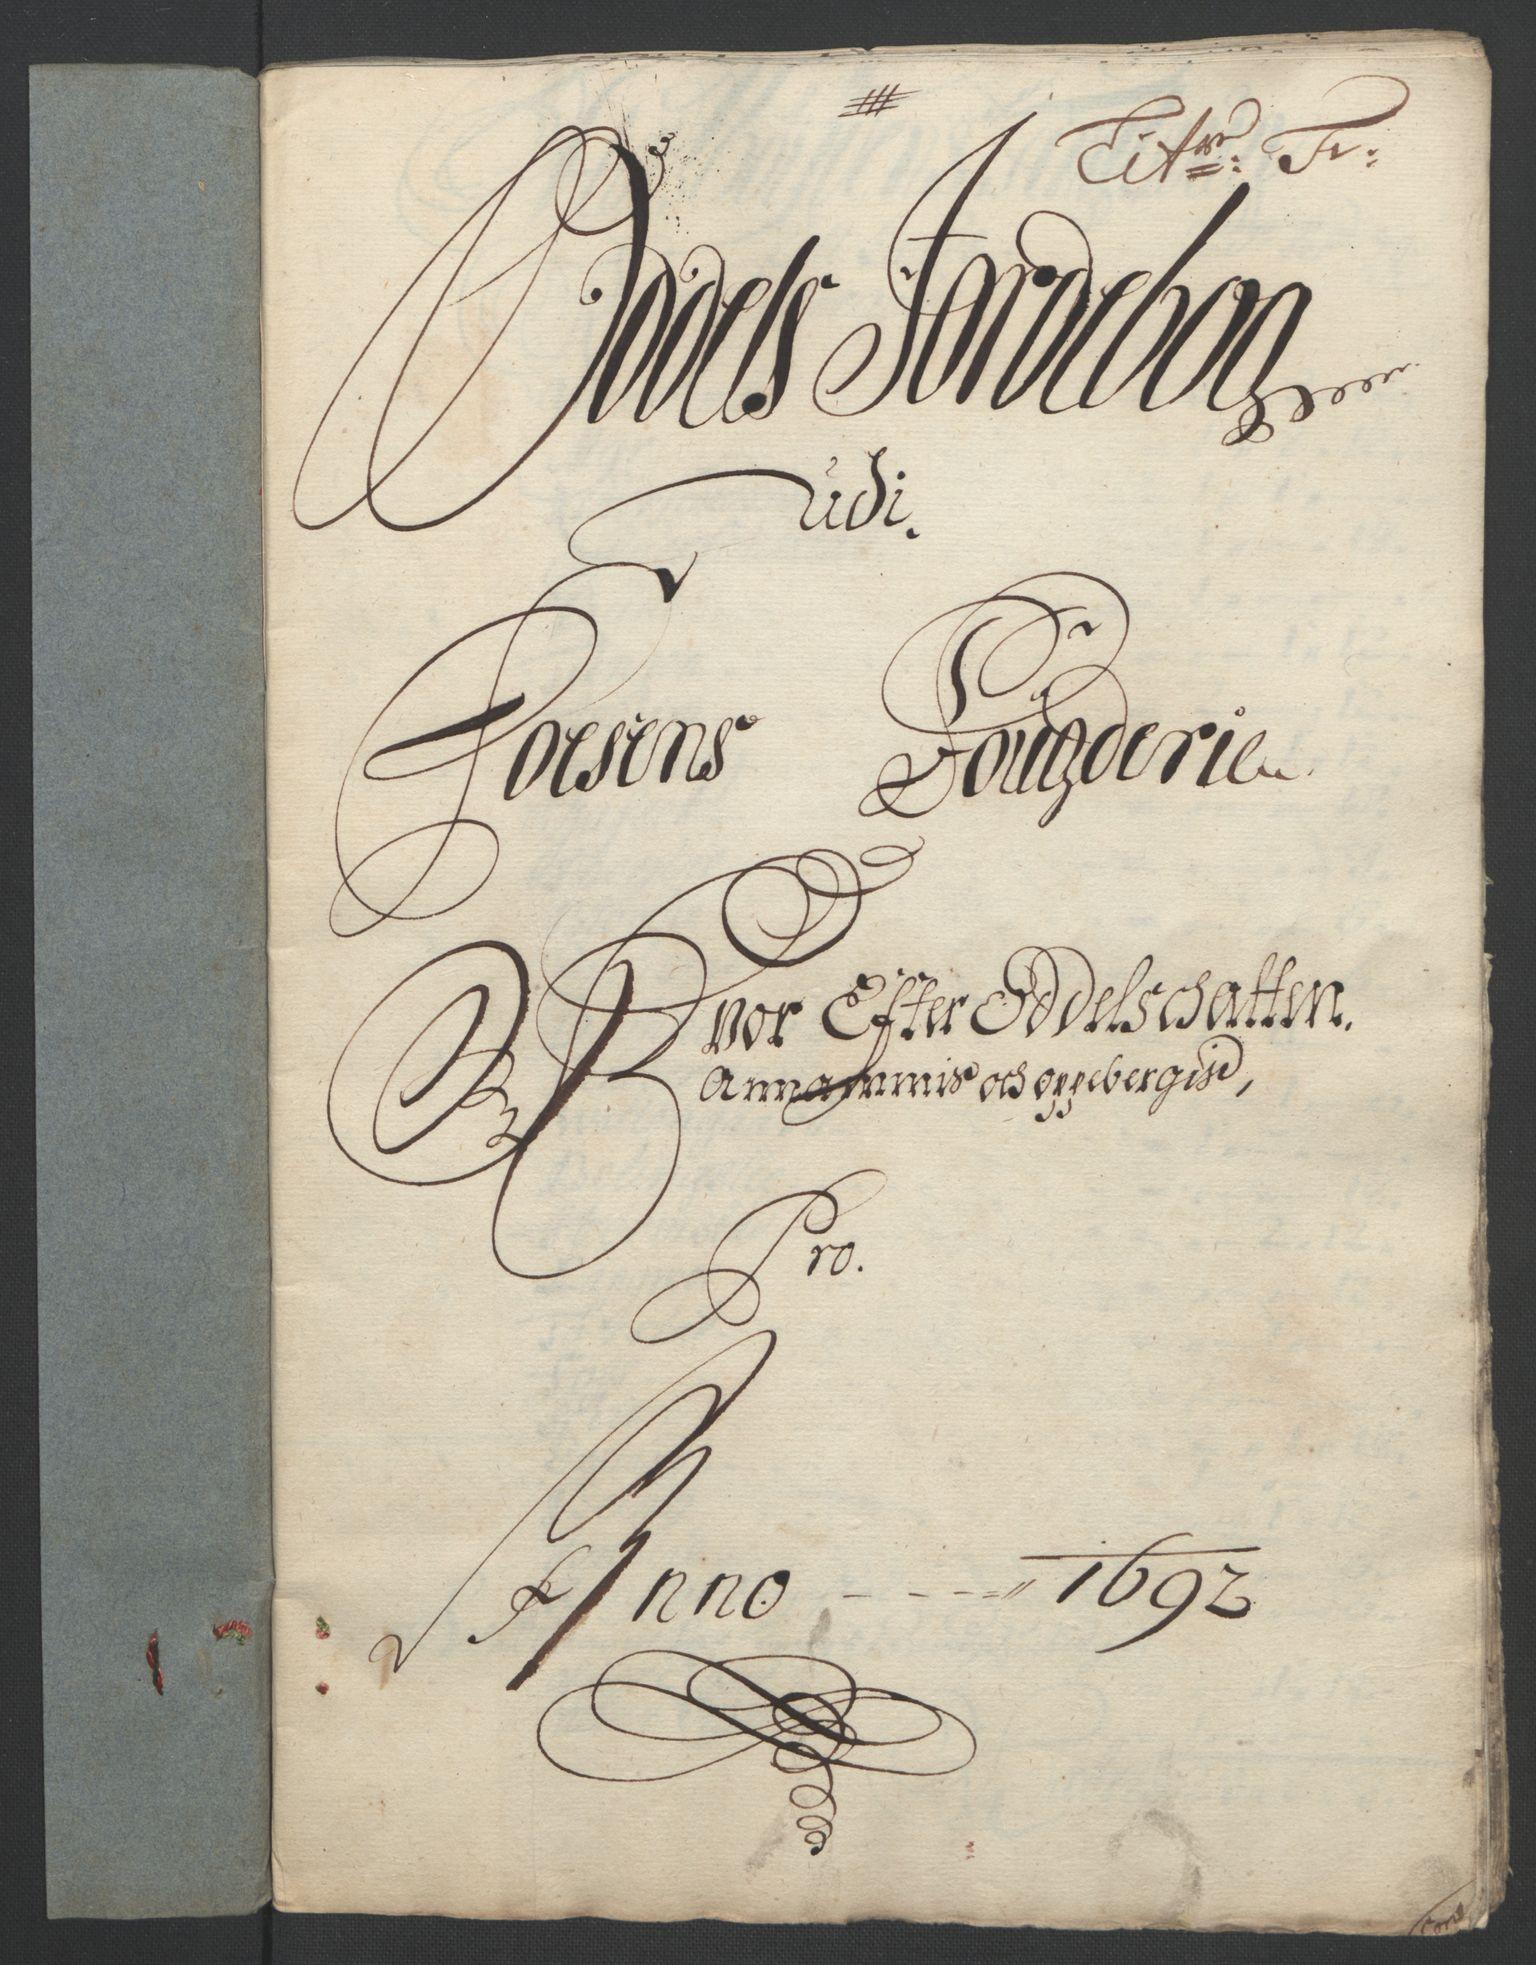 RA, Rentekammeret inntil 1814, Reviderte regnskaper, Fogderegnskap, R57/L3849: Fogderegnskap Fosen, 1692-1693, s. 89